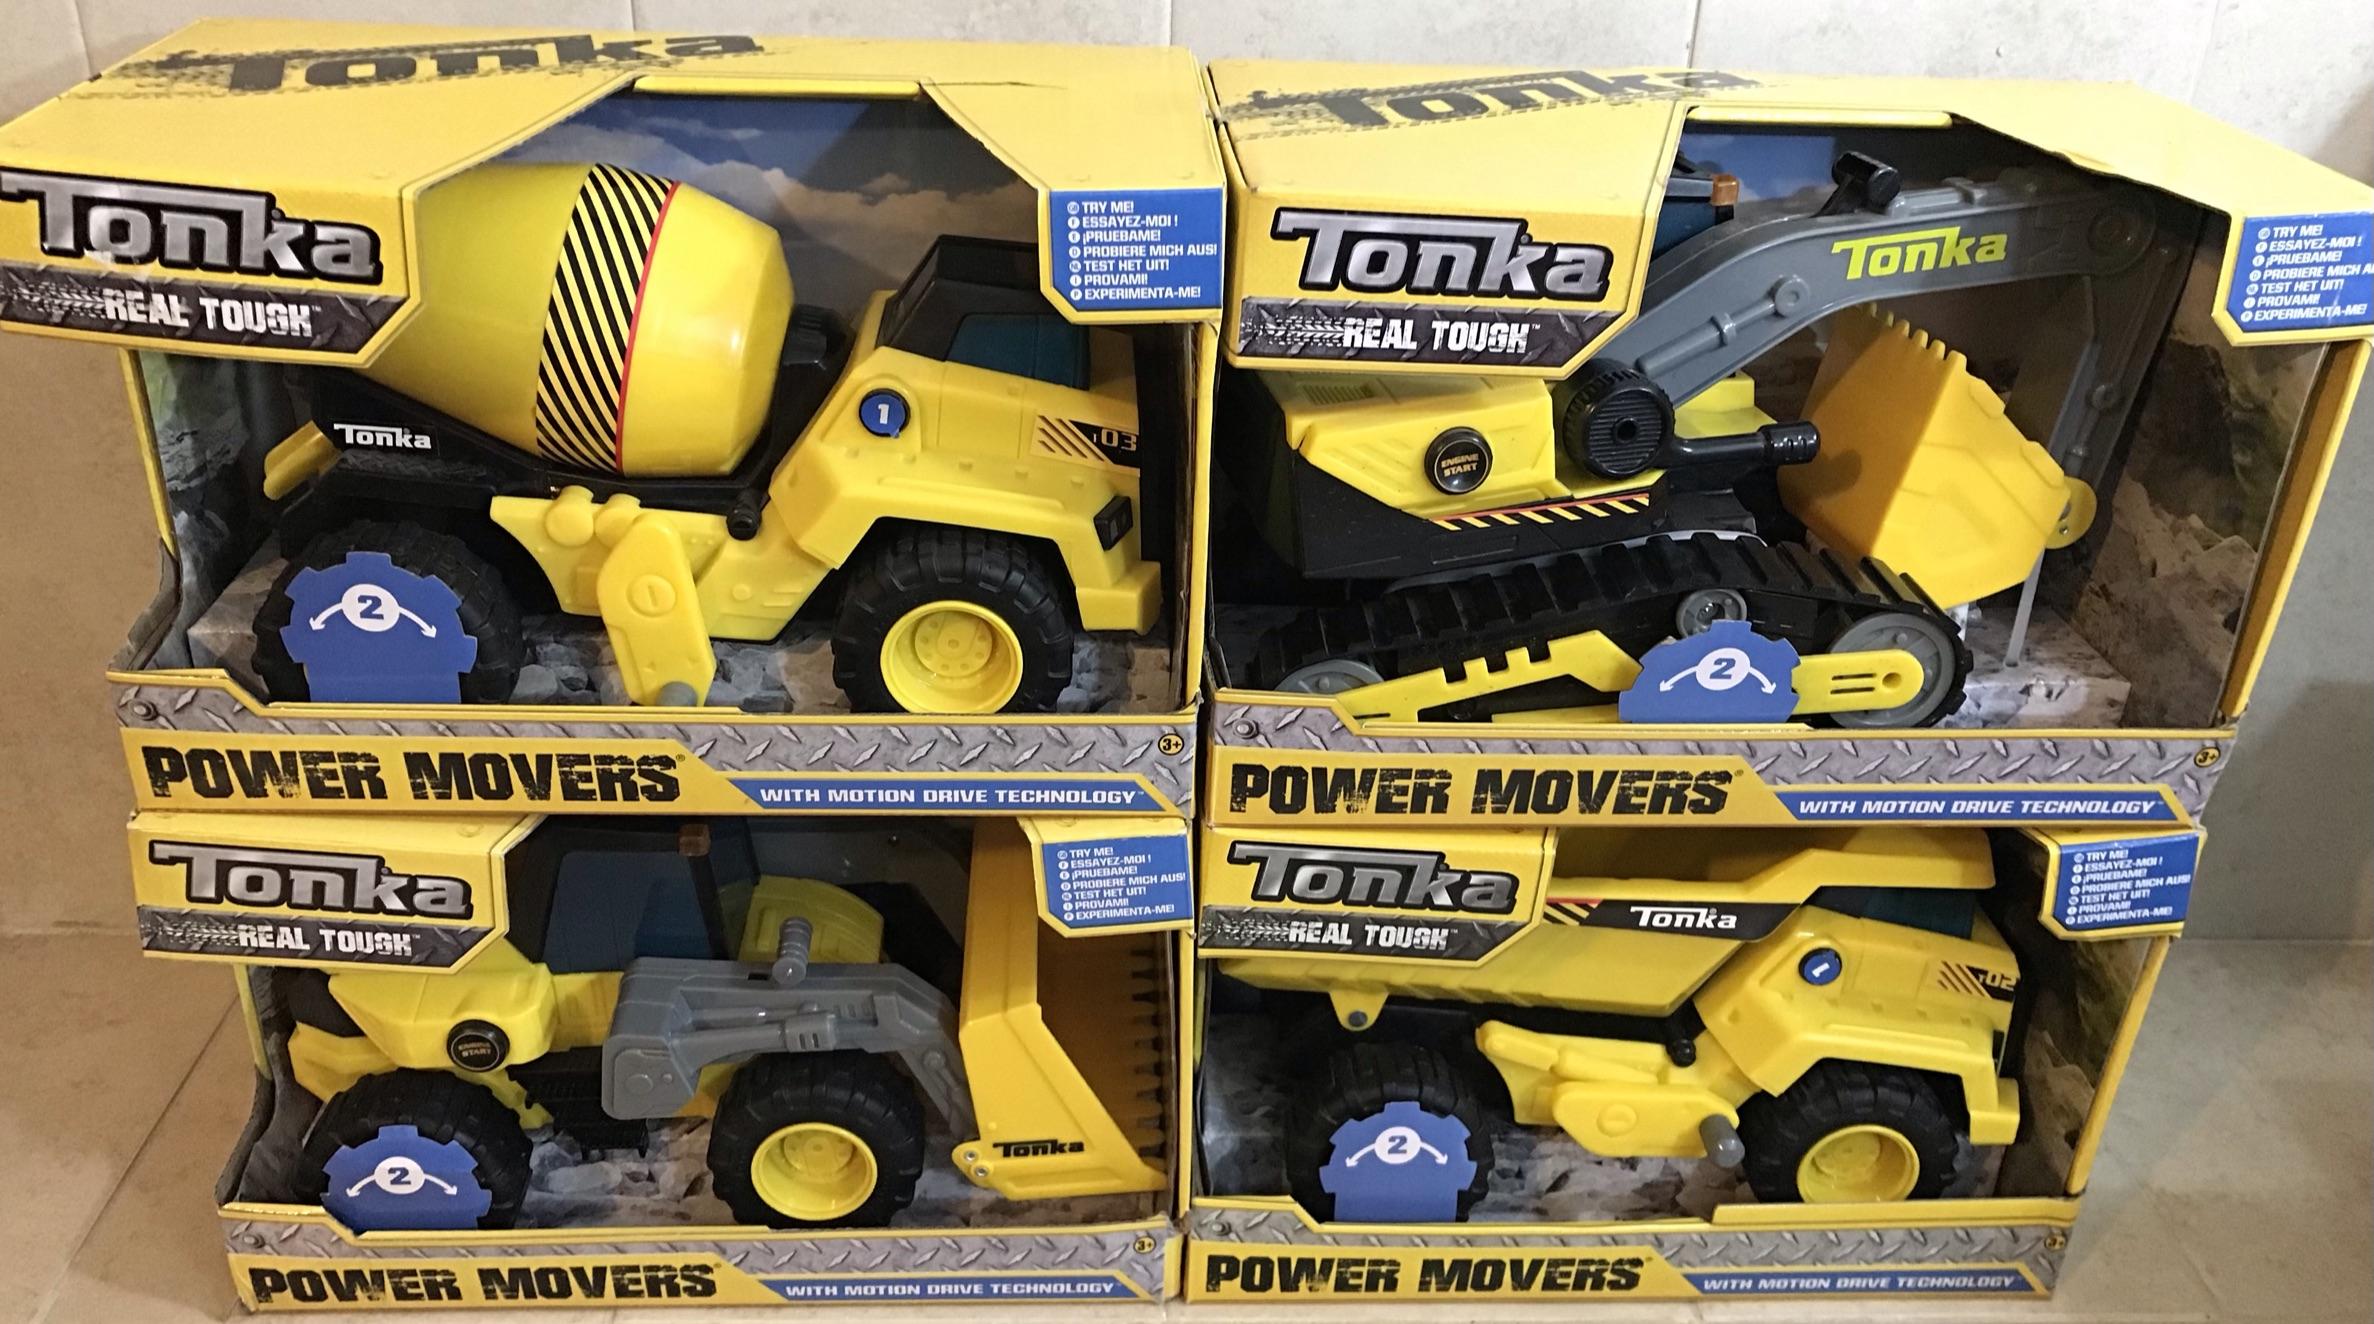 Vehículos Tonka en 96.01 - Walmart en Durango